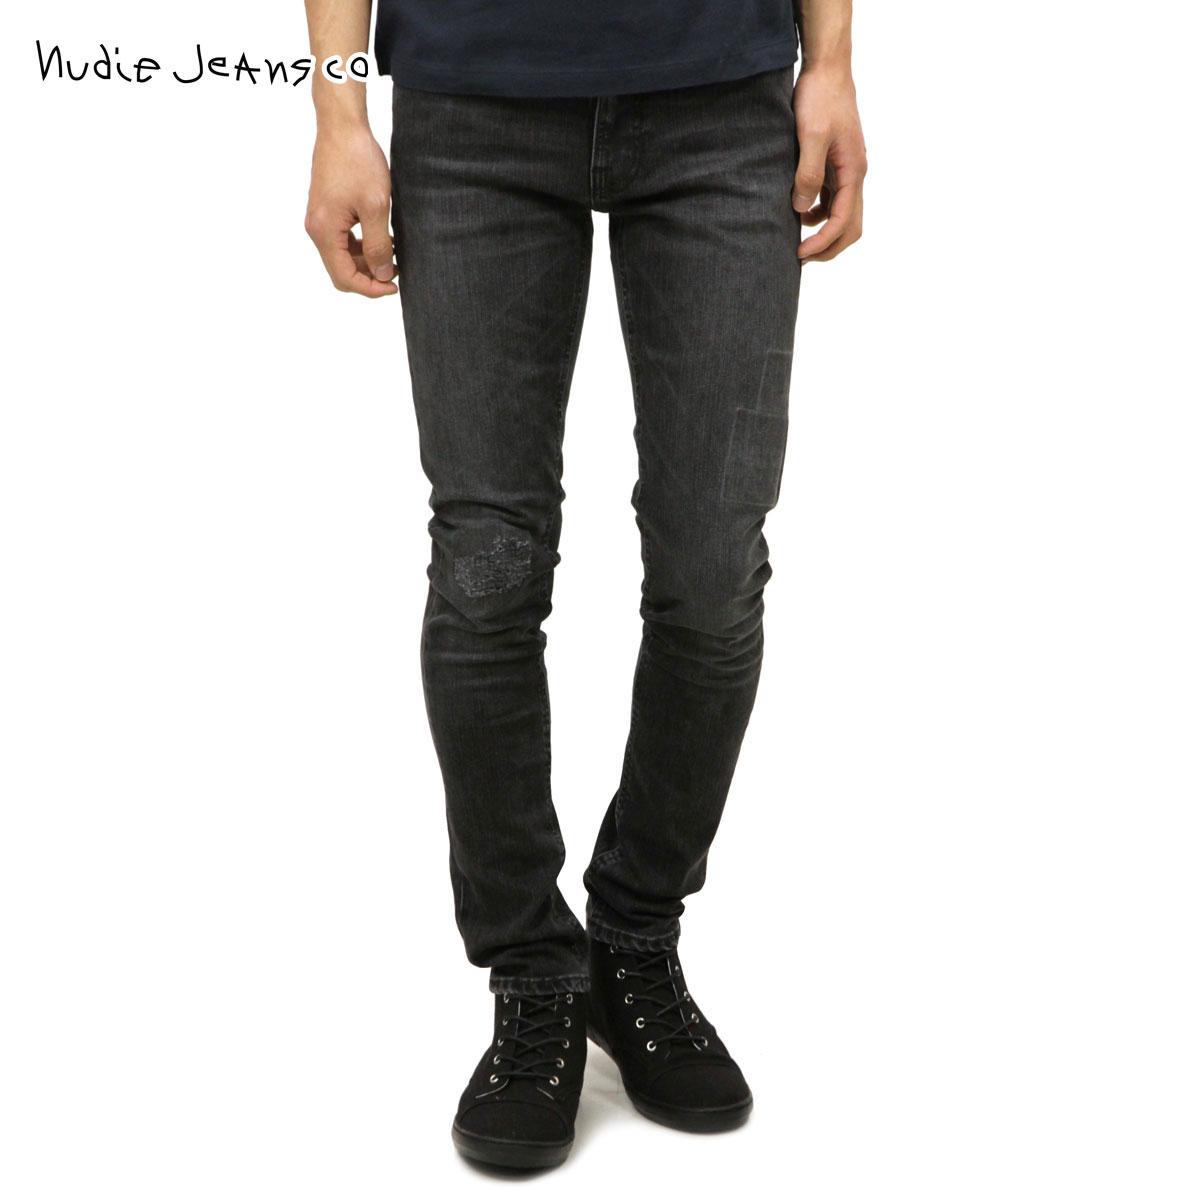 ヌーディージーンズ Nudie Jeans 正規販売店 メンズ ジーンズ Lean Dean 654 Grey Patch 112144 D00S20